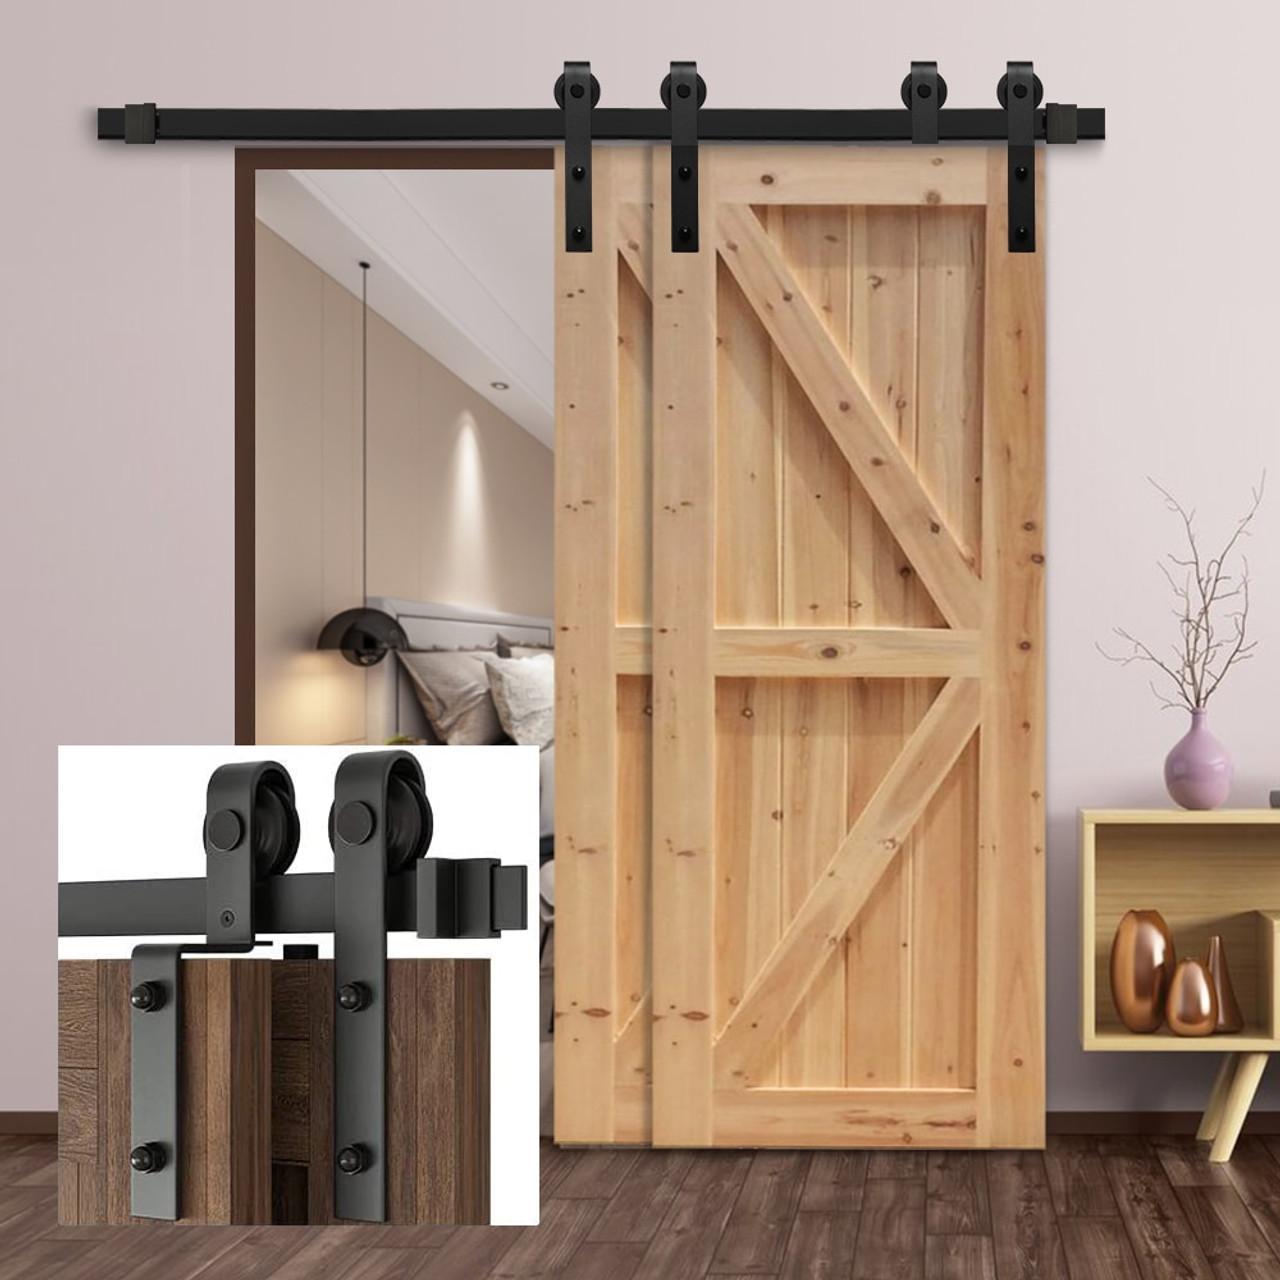 Gifsin Bypass Sliding Barn Door Hardware Track Bent Hanger Bypassing System 4 9 6ft Doors Borna S General Hardware Ltd